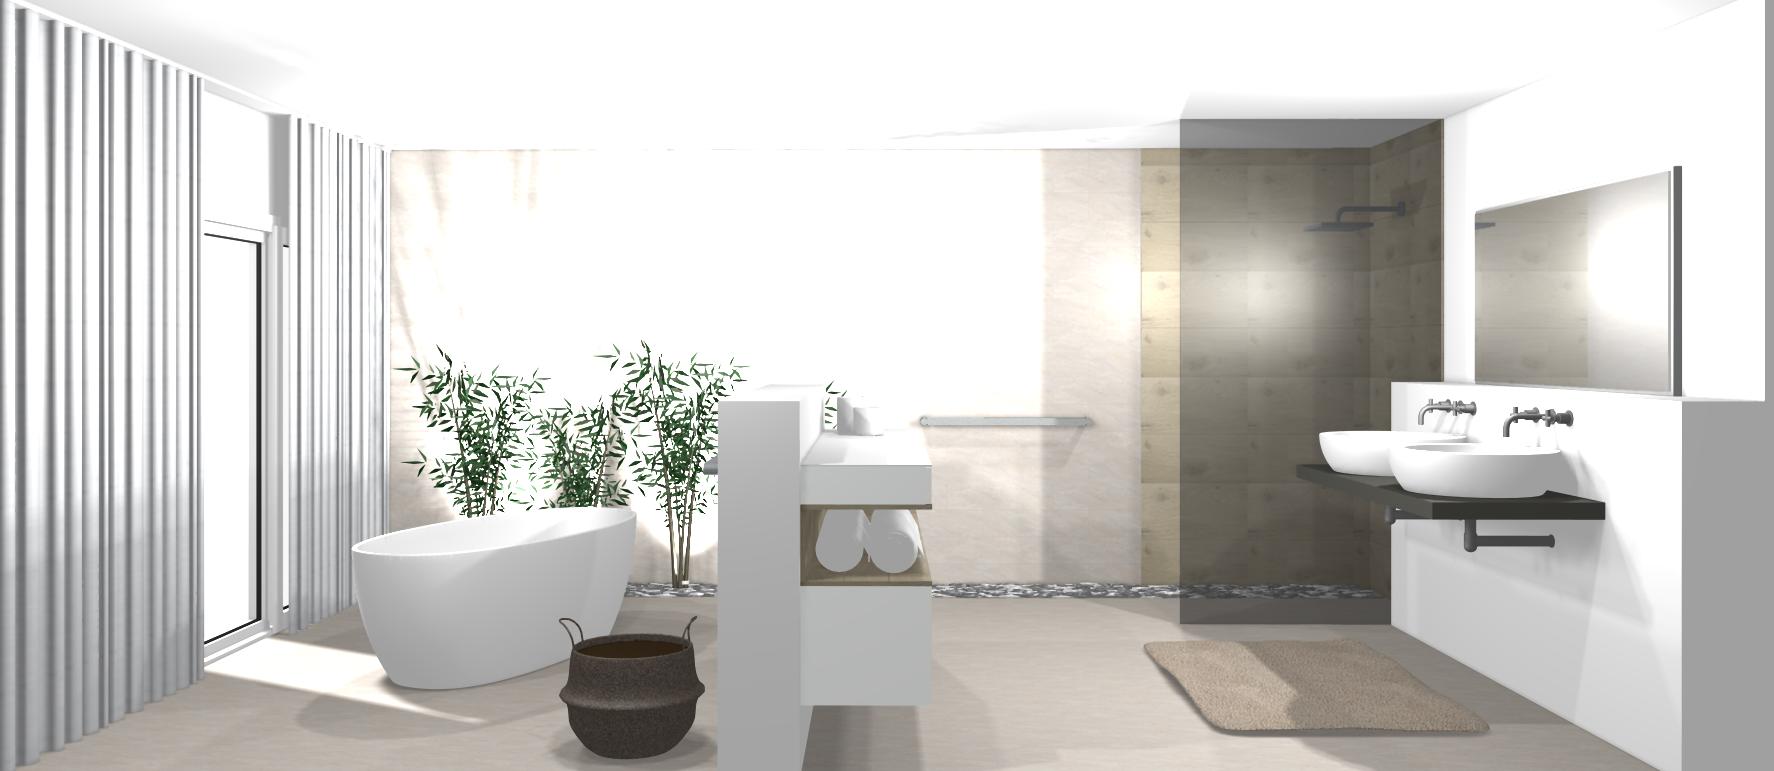 freistehende badewanne bilder ideen couchstyle. Black Bedroom Furniture Sets. Home Design Ideas